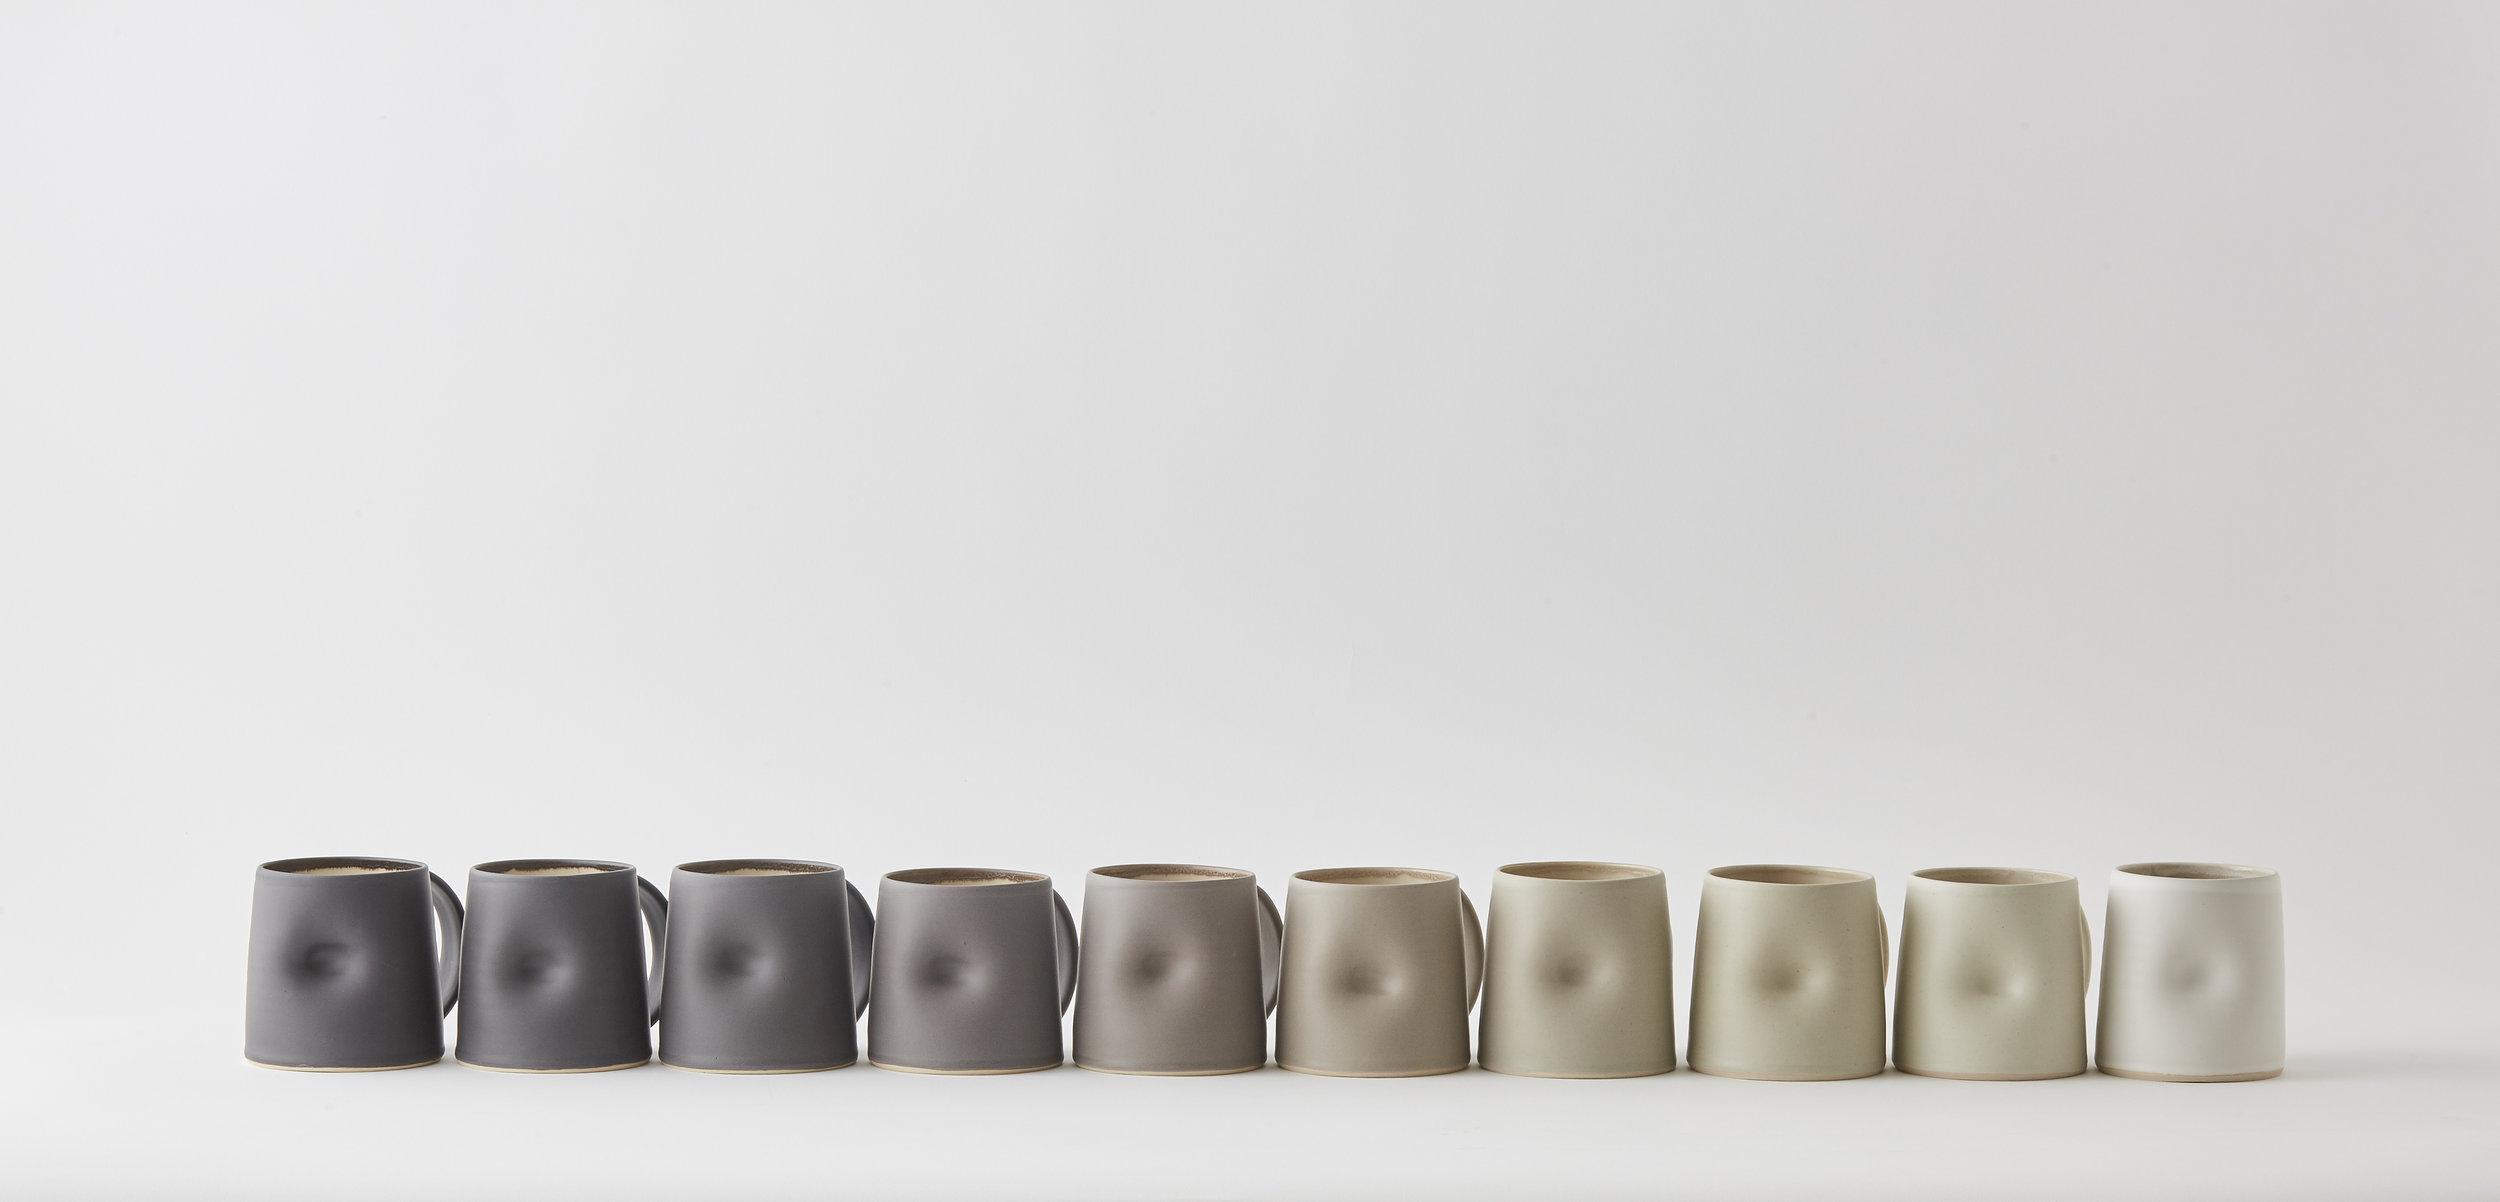 10 Eveyday Large Mugs in Greyscale - £360.00